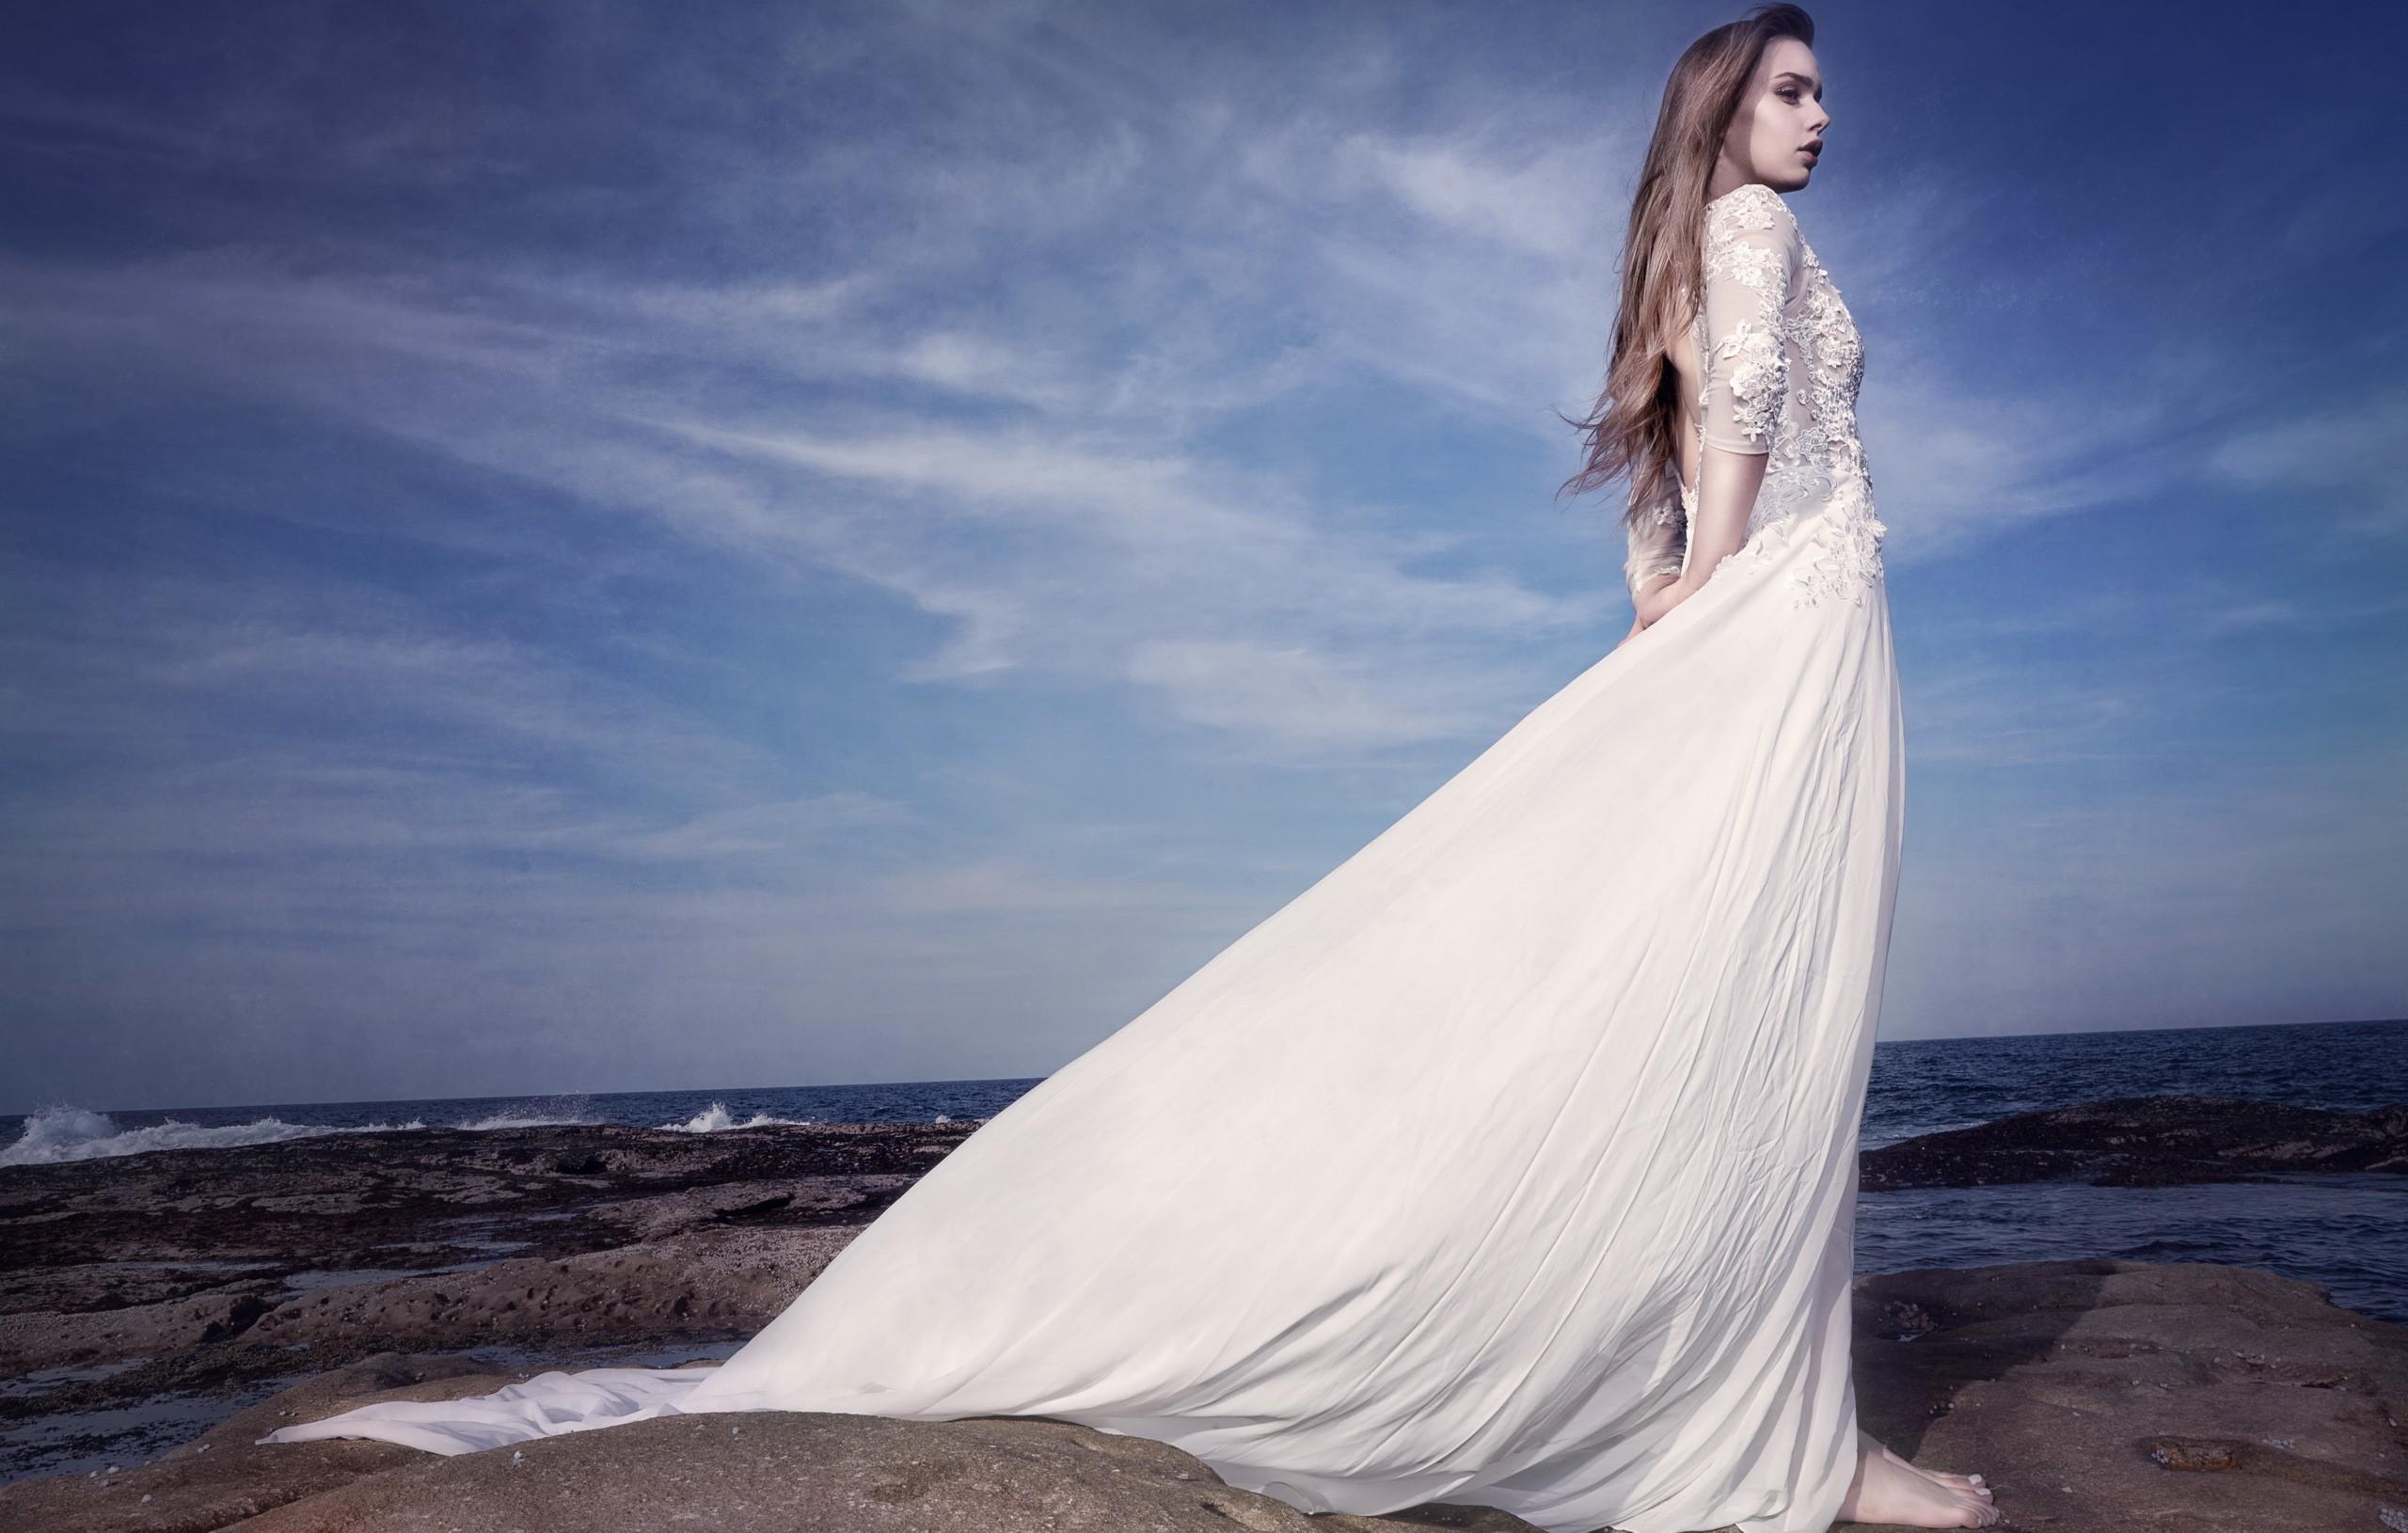 Картинки женщин в белом платье